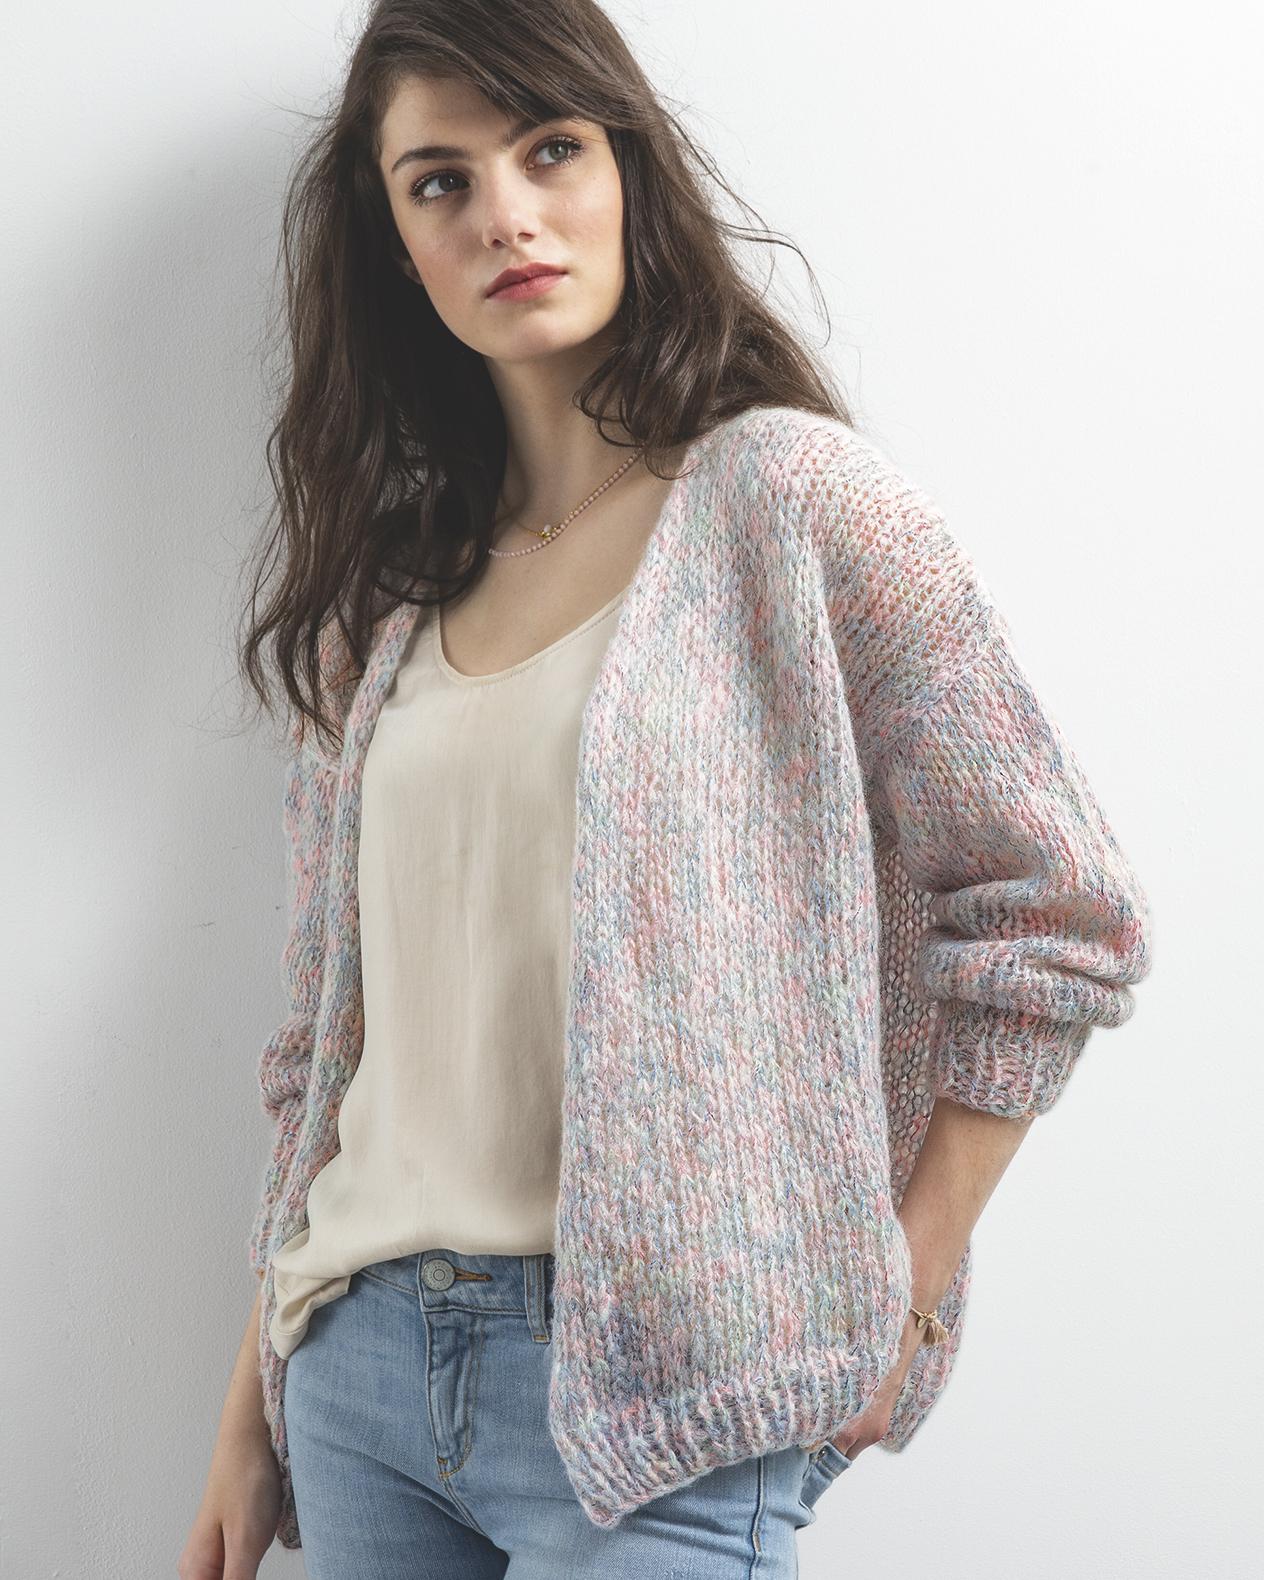 Veste en tricot femme - julie bas